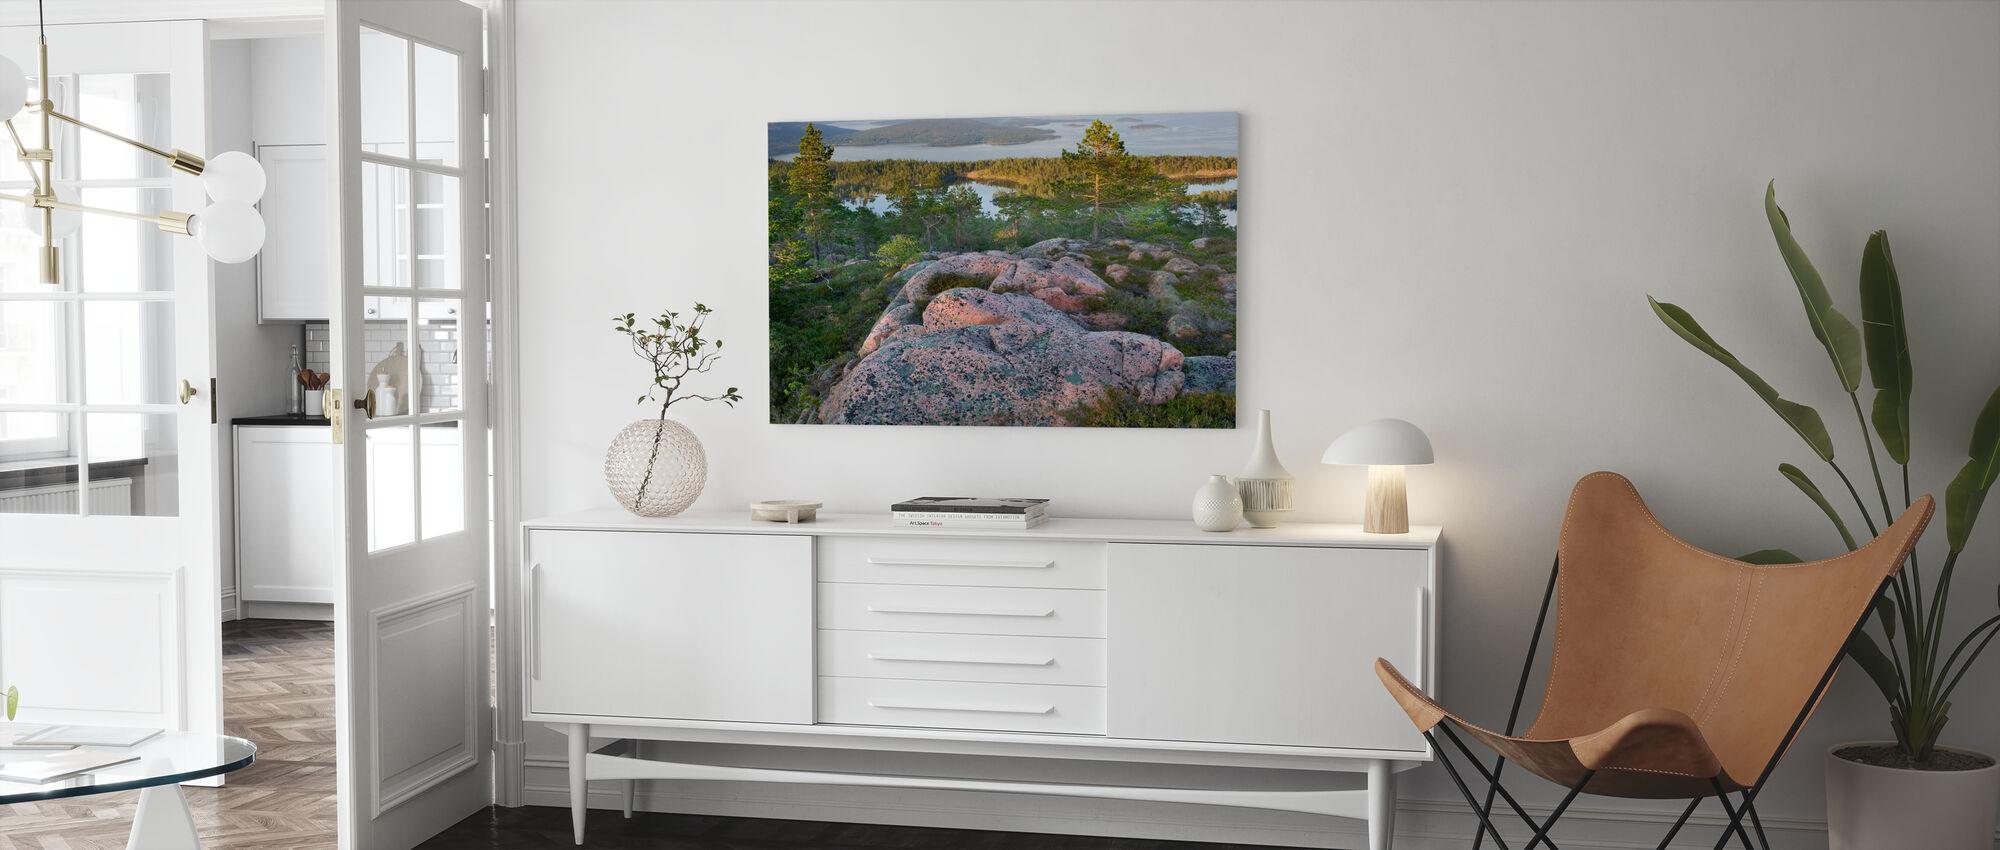 Skuleskogen National Park, Sweden - Canvas print - Living Room